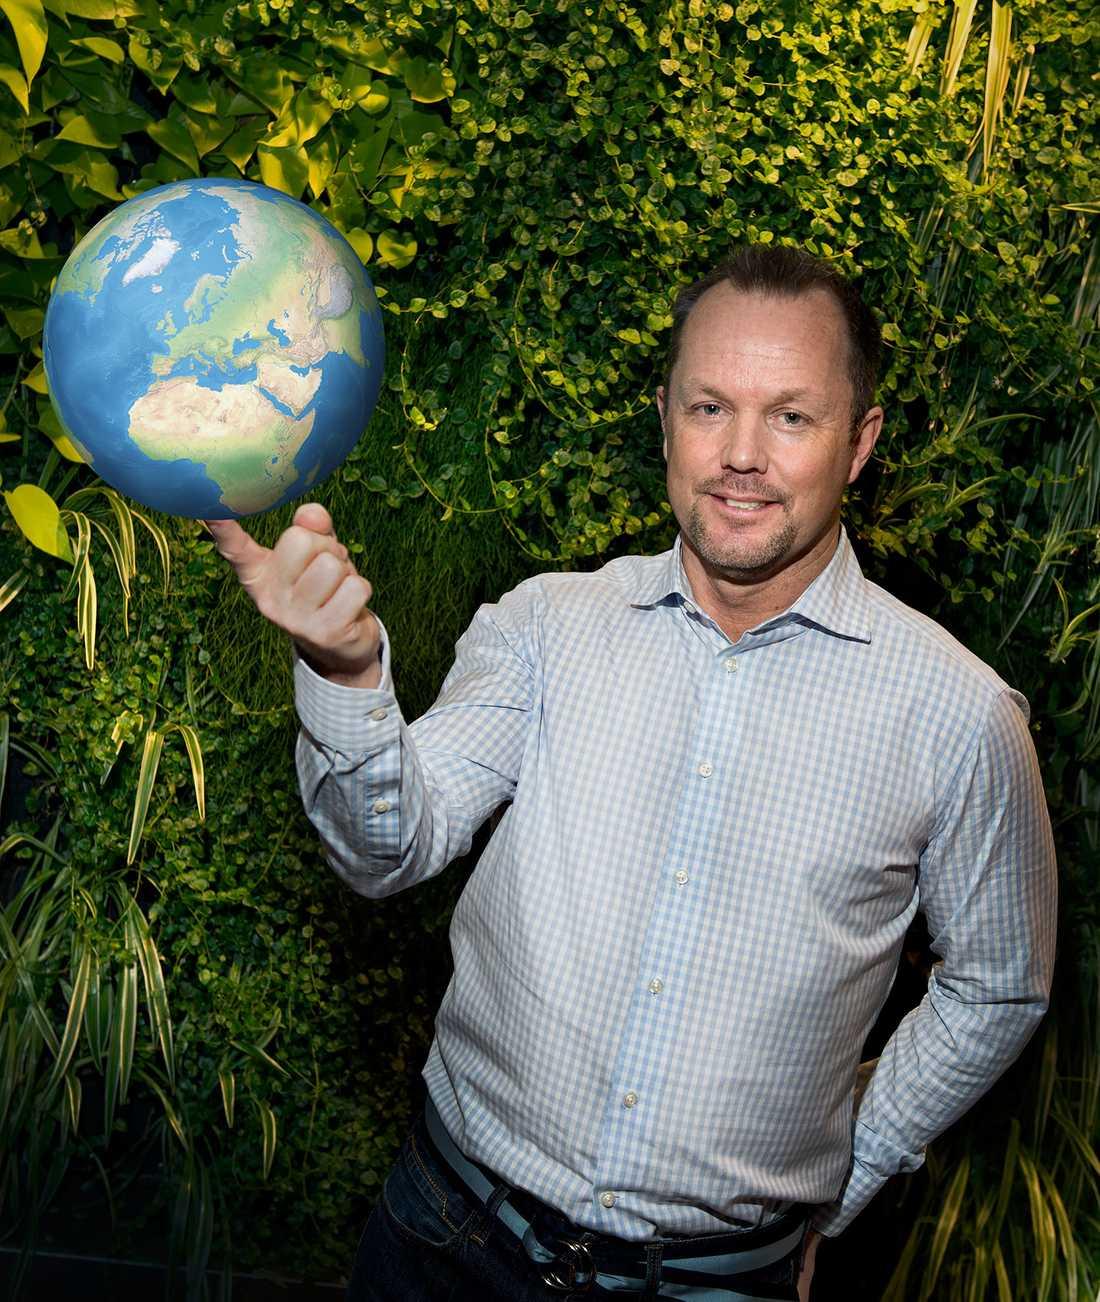 Som produktchef för Ving Norden har Patrik Marklund omkring 100 resdagar i utlandet per år där han inspekterat över 5000 hotell i över 80 länder. Nordiskt rekord?